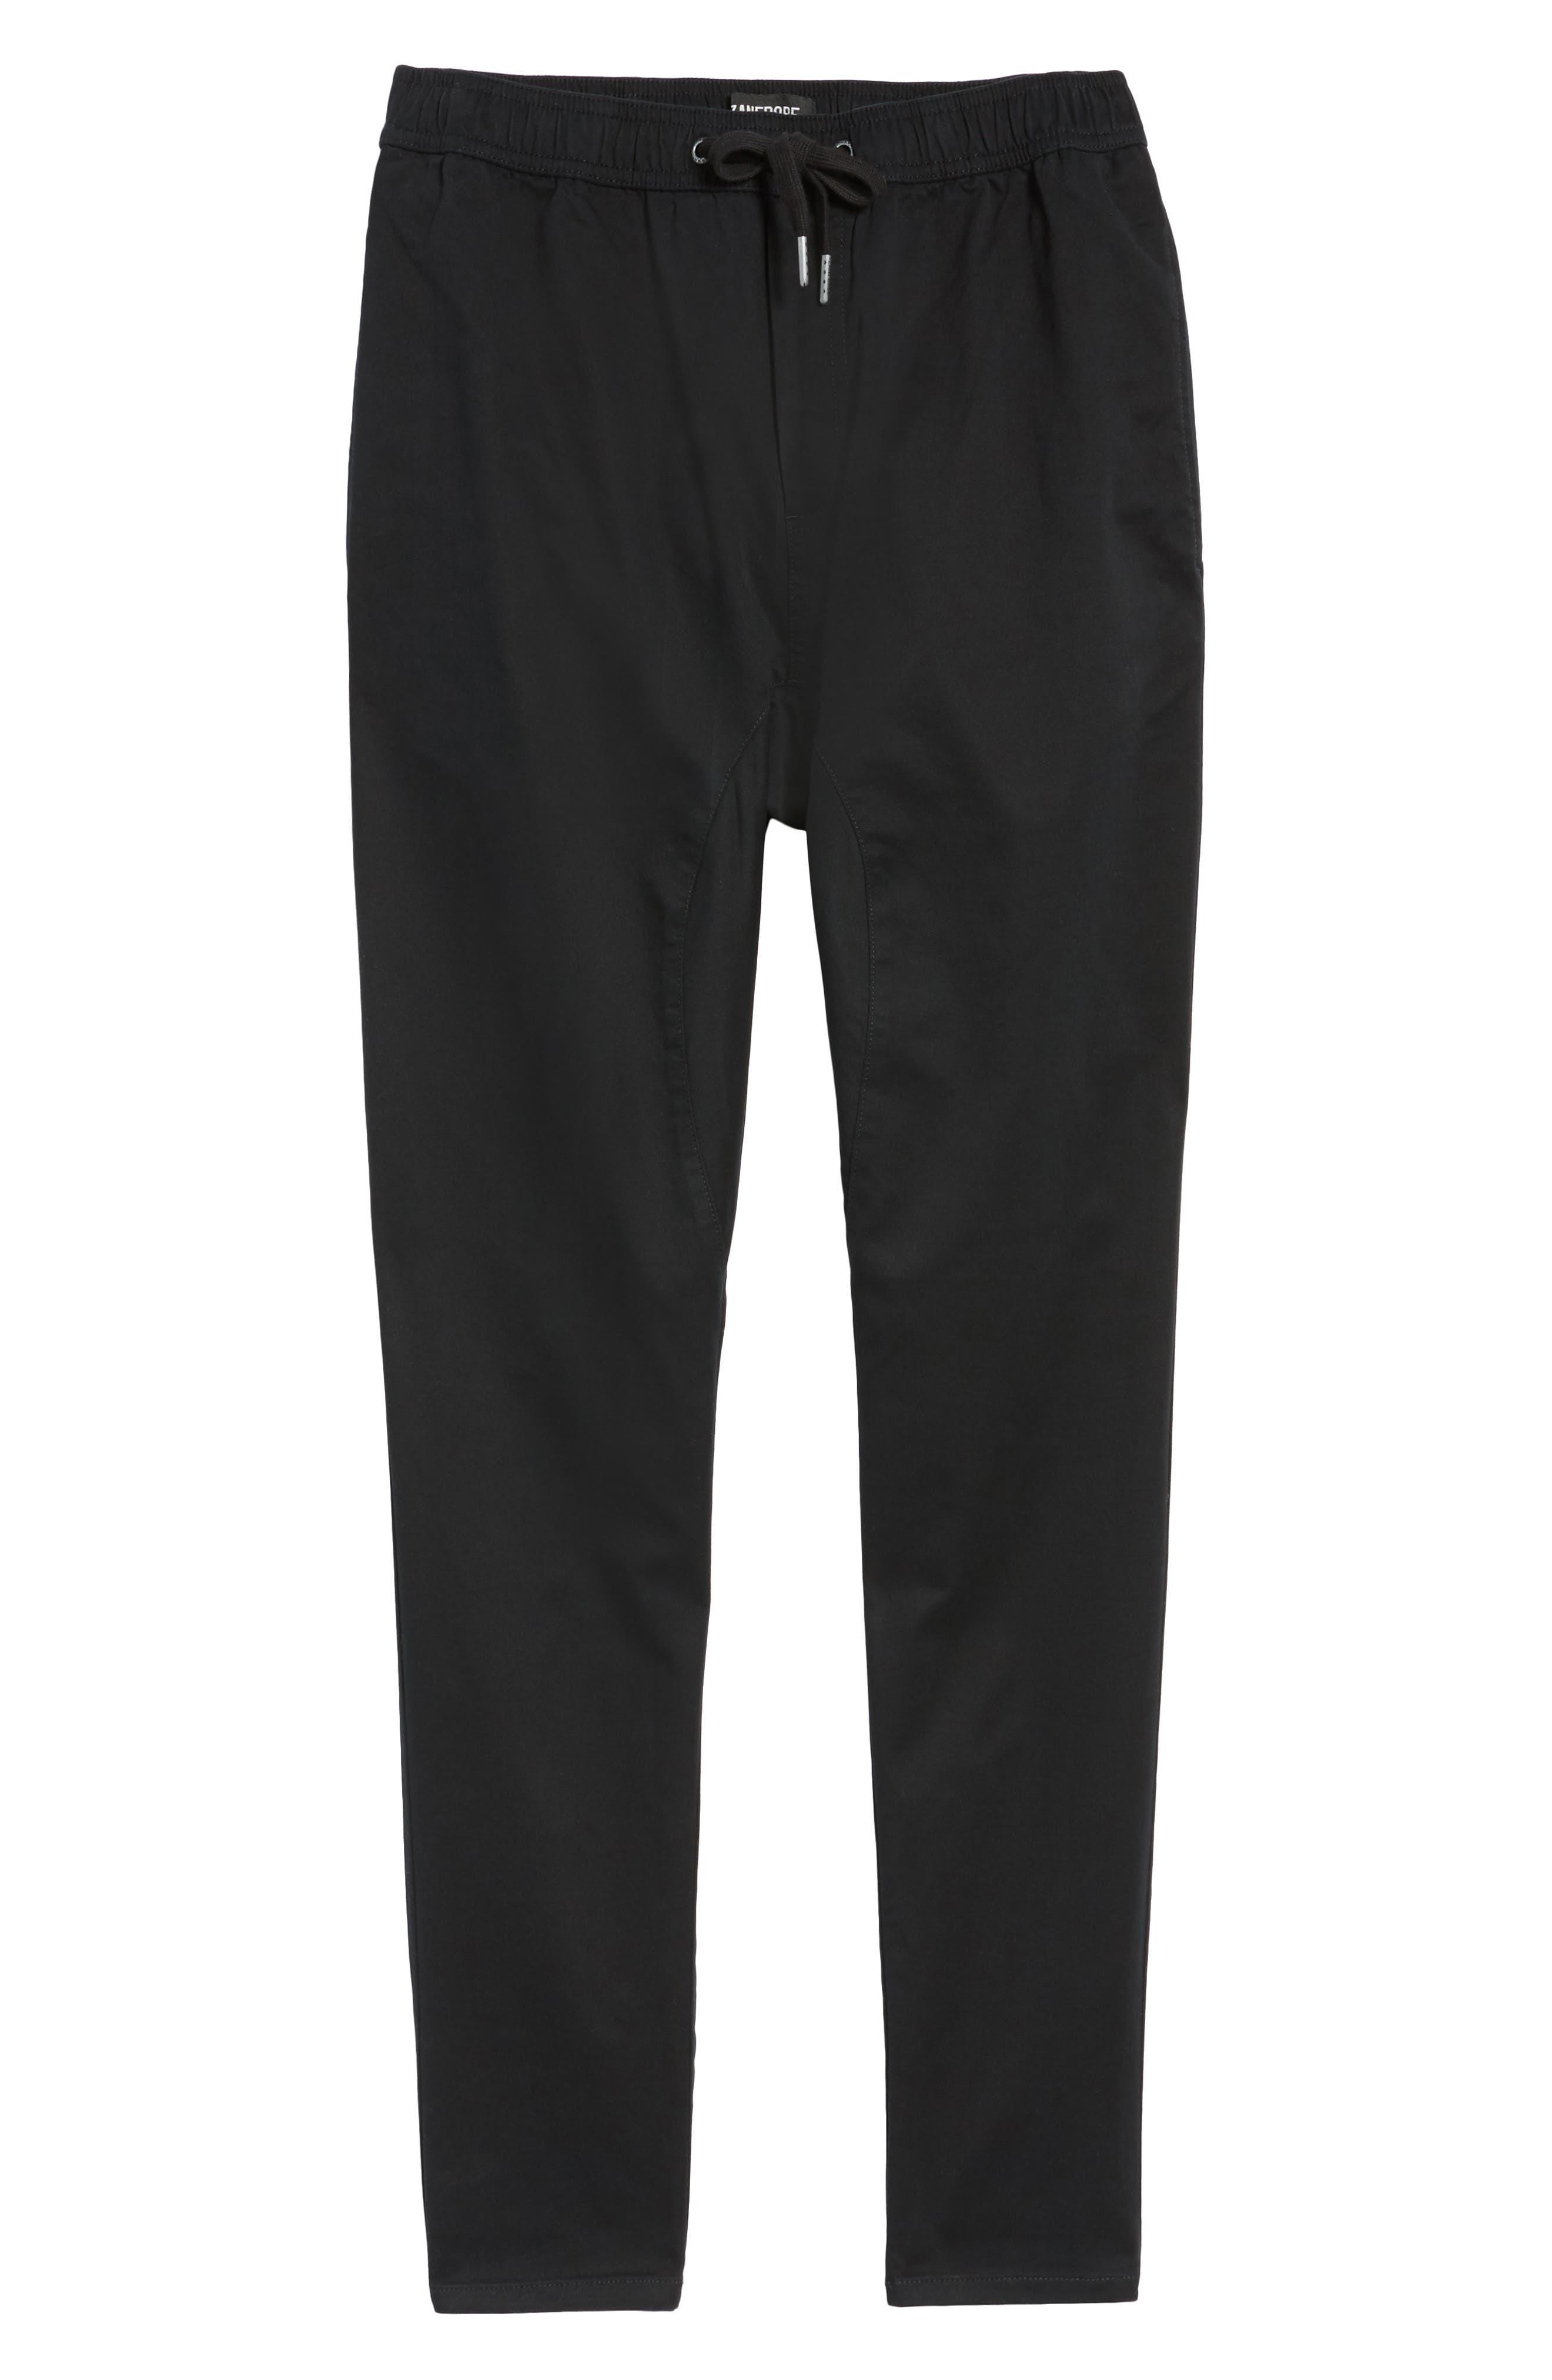 ZANEROBE, Salerno Stretch Woven Jogger Pants, Main thumbnail 1, color, BLACK